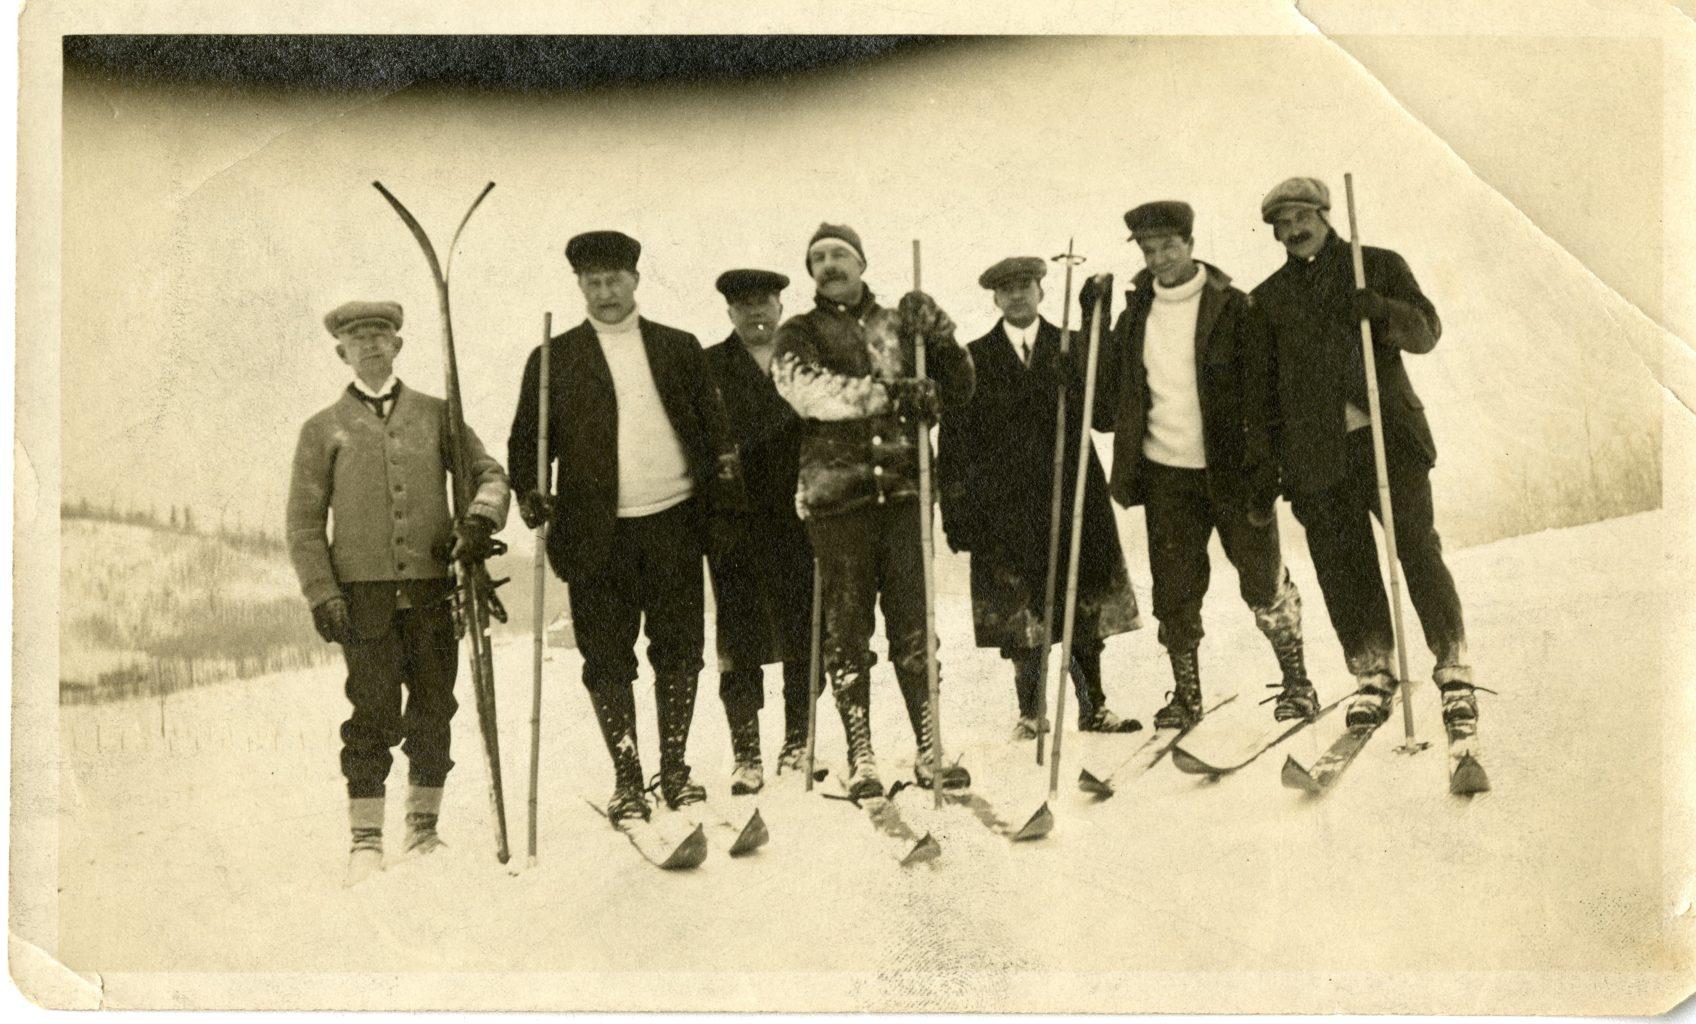 Seven men skiing.